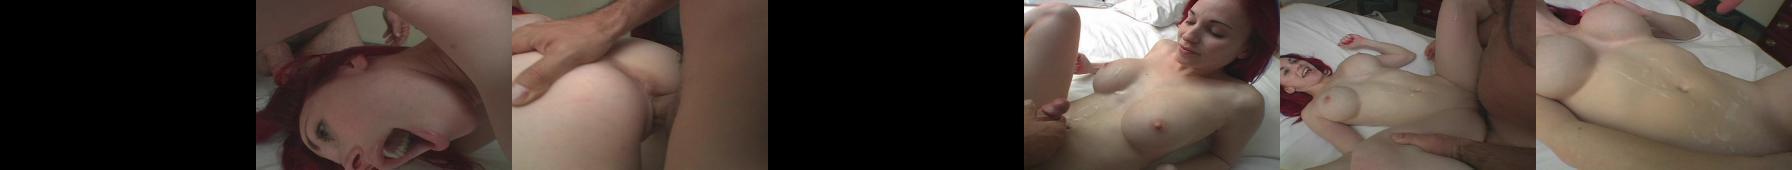 Filmy porno z Neesa